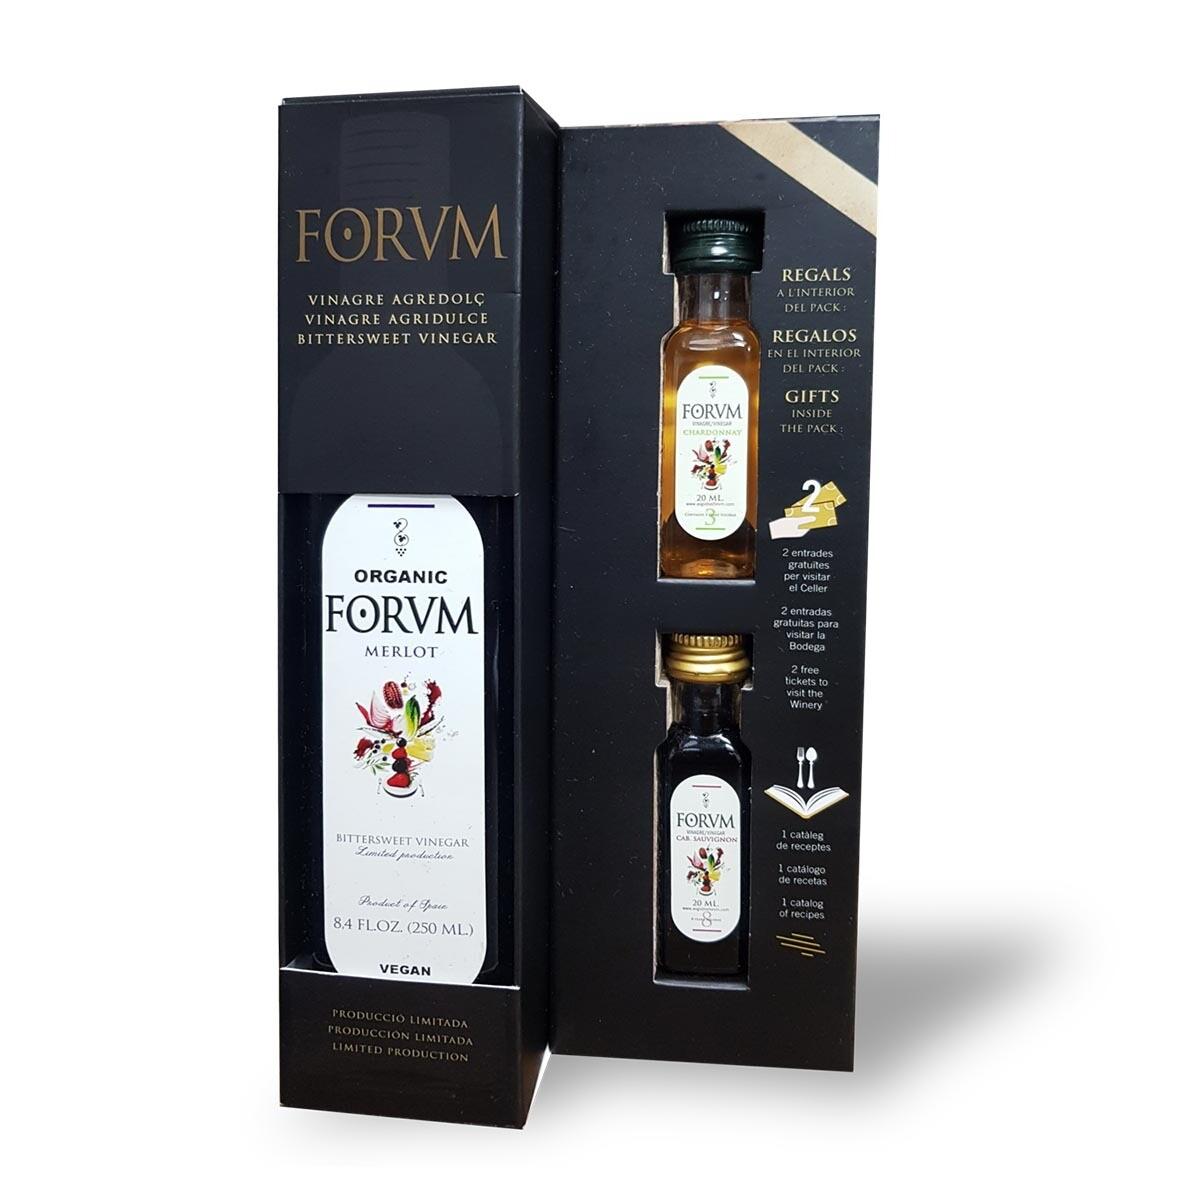 Forvm 1 Bottle and 2 Mini Bottles (Coming Soon)